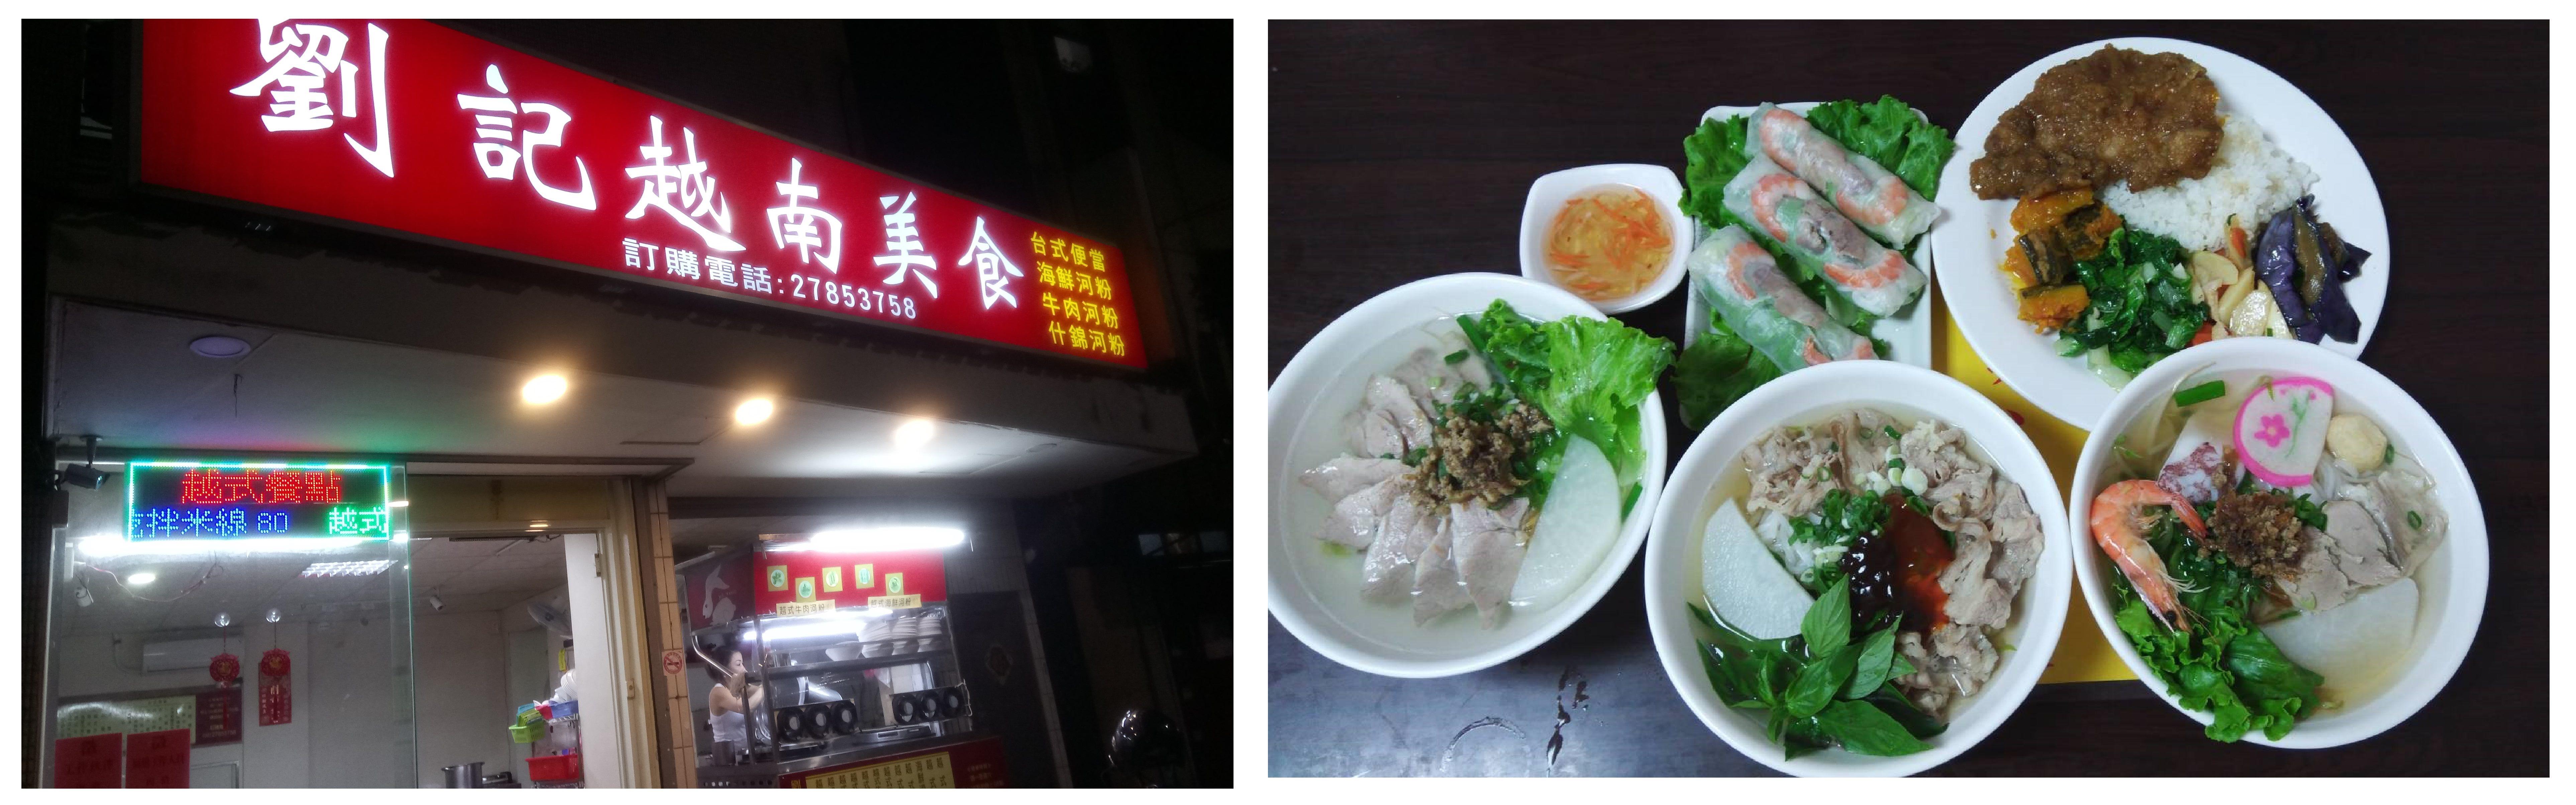 劉記越南美食